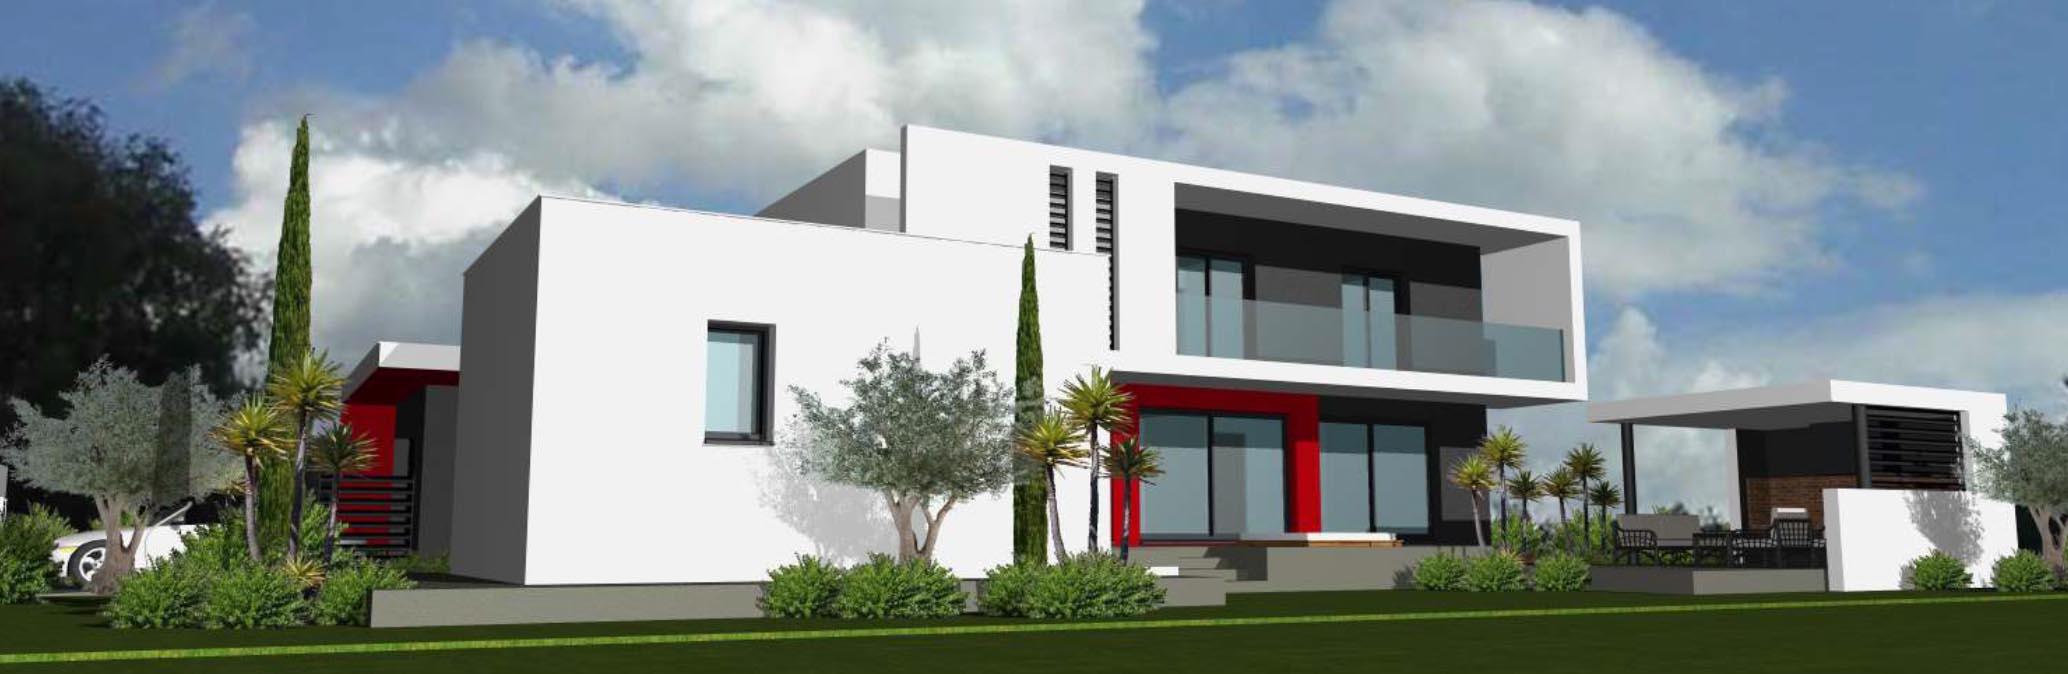 Villa LA - Architecte Georges BOFILL